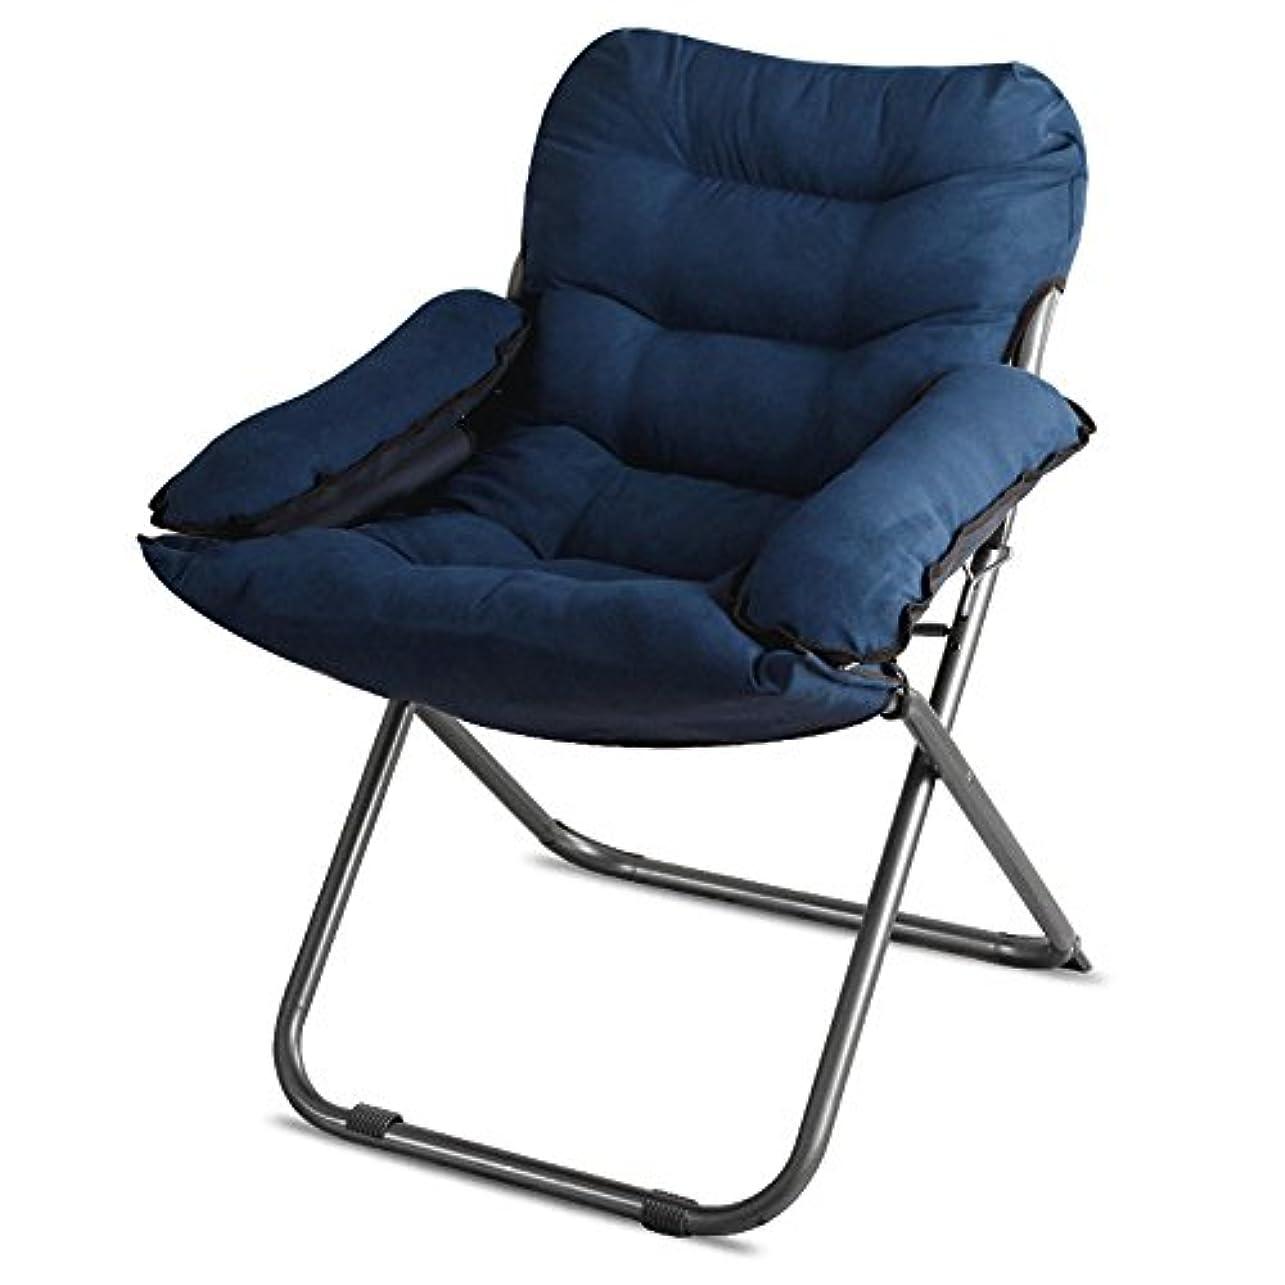 スケルトンショートカット育成JTWJ 折り畳み式椅子怠惰な背もたれのリクライニングコンピュータのコンピュータのアームチェアドミトリーのレジャーベッドルームのリビングルームの座席 (Color : D)